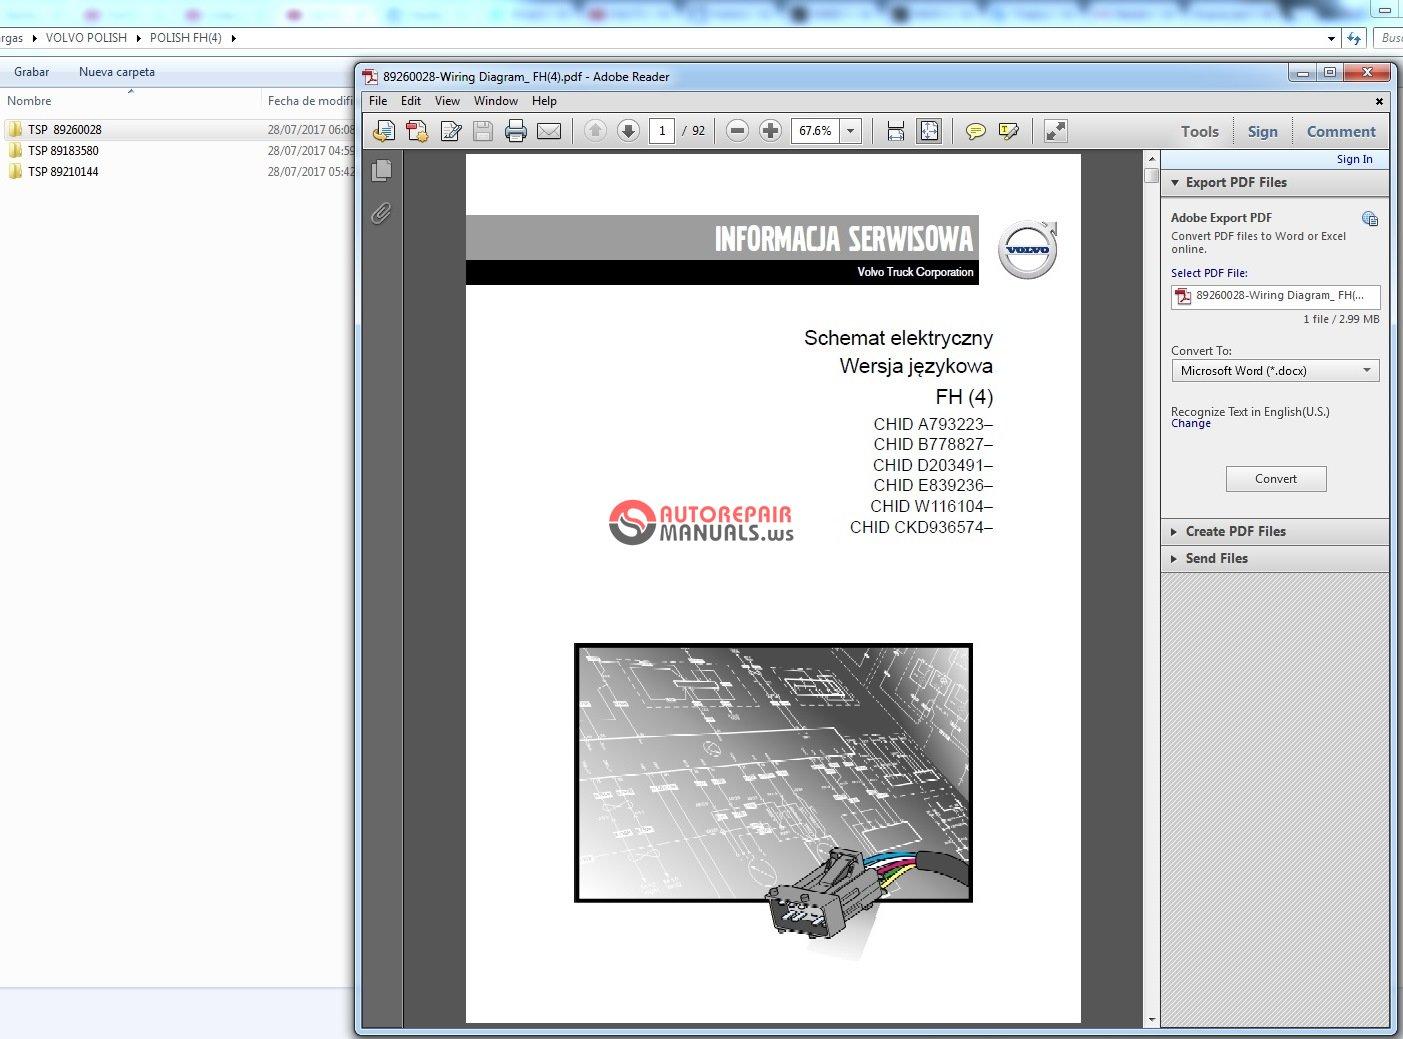 Volvo Wiring Diagram Fh 4  Fm 4  Fe Fe 3  Fl Fl 3  Fl6 Fm Fh Fh12 Language Polish